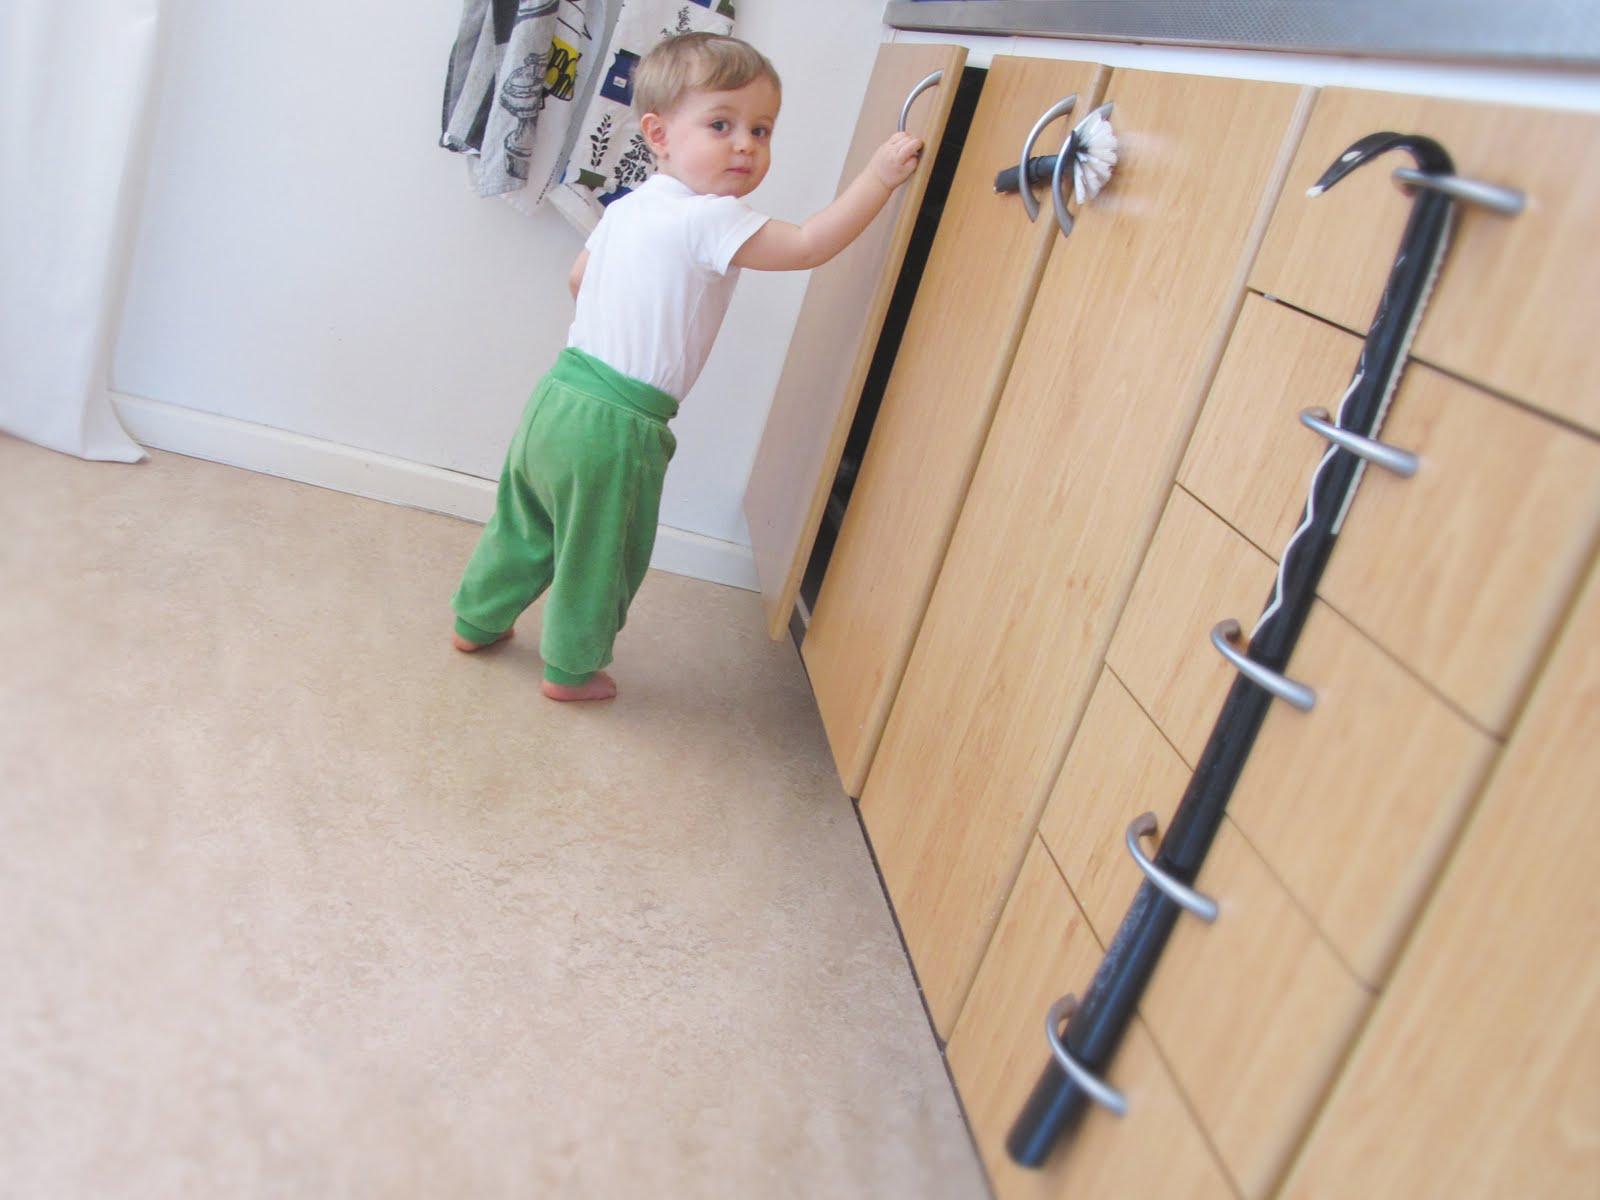 Barnsäkra skåp – Spegel med belysning 8c39d0806bf39